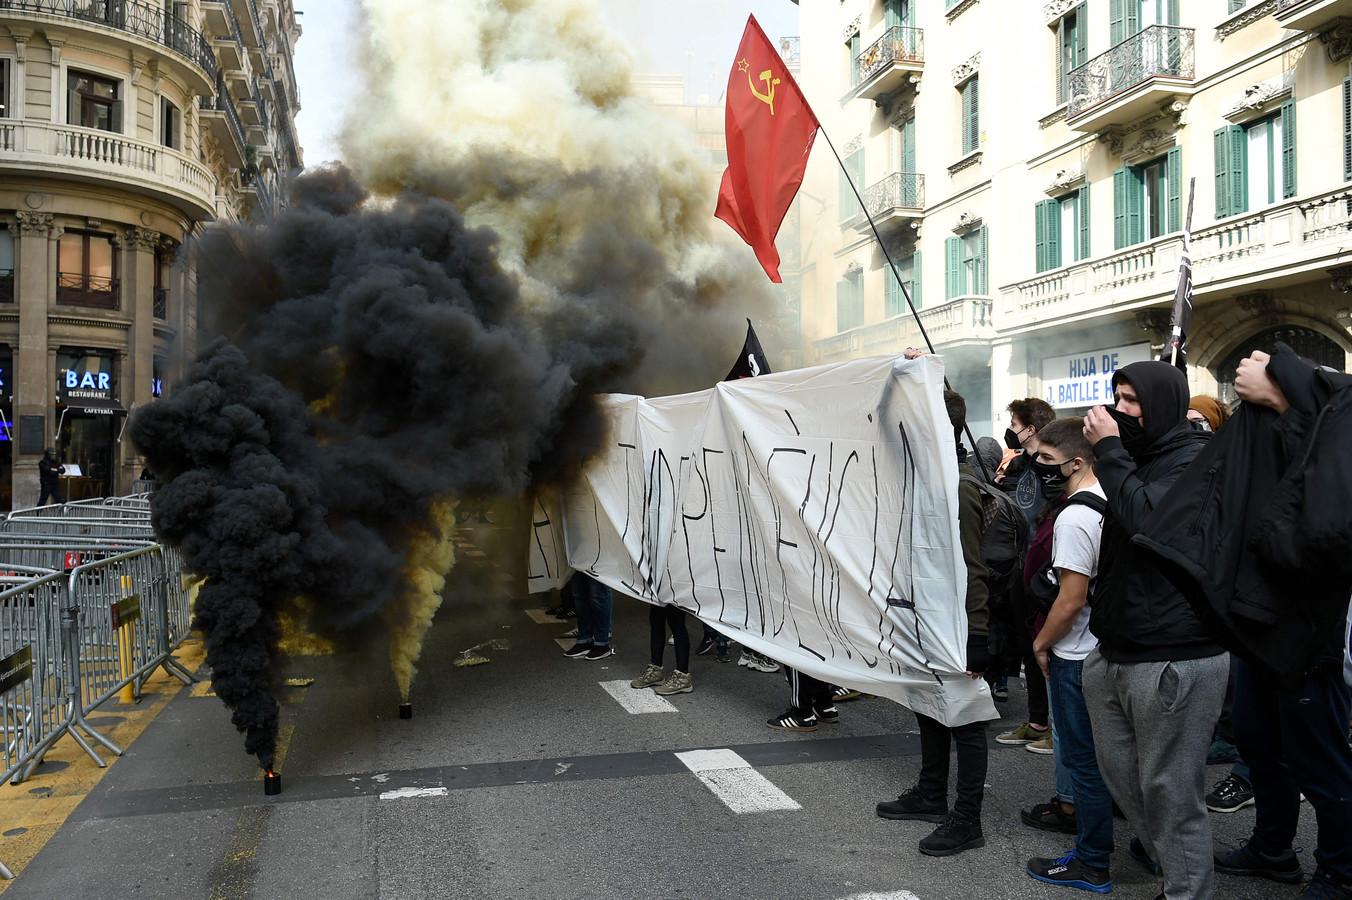 Demonstranten steken rookbommen aan tijdens een studentendemonstratie van Syndicat d'Estudiants dels Paisos Catalans - SEPC (Unie van studenten van Catalonië) tegen de gevangenneming van Pablo Hasél, vrijdagmiddag in Barcelona.